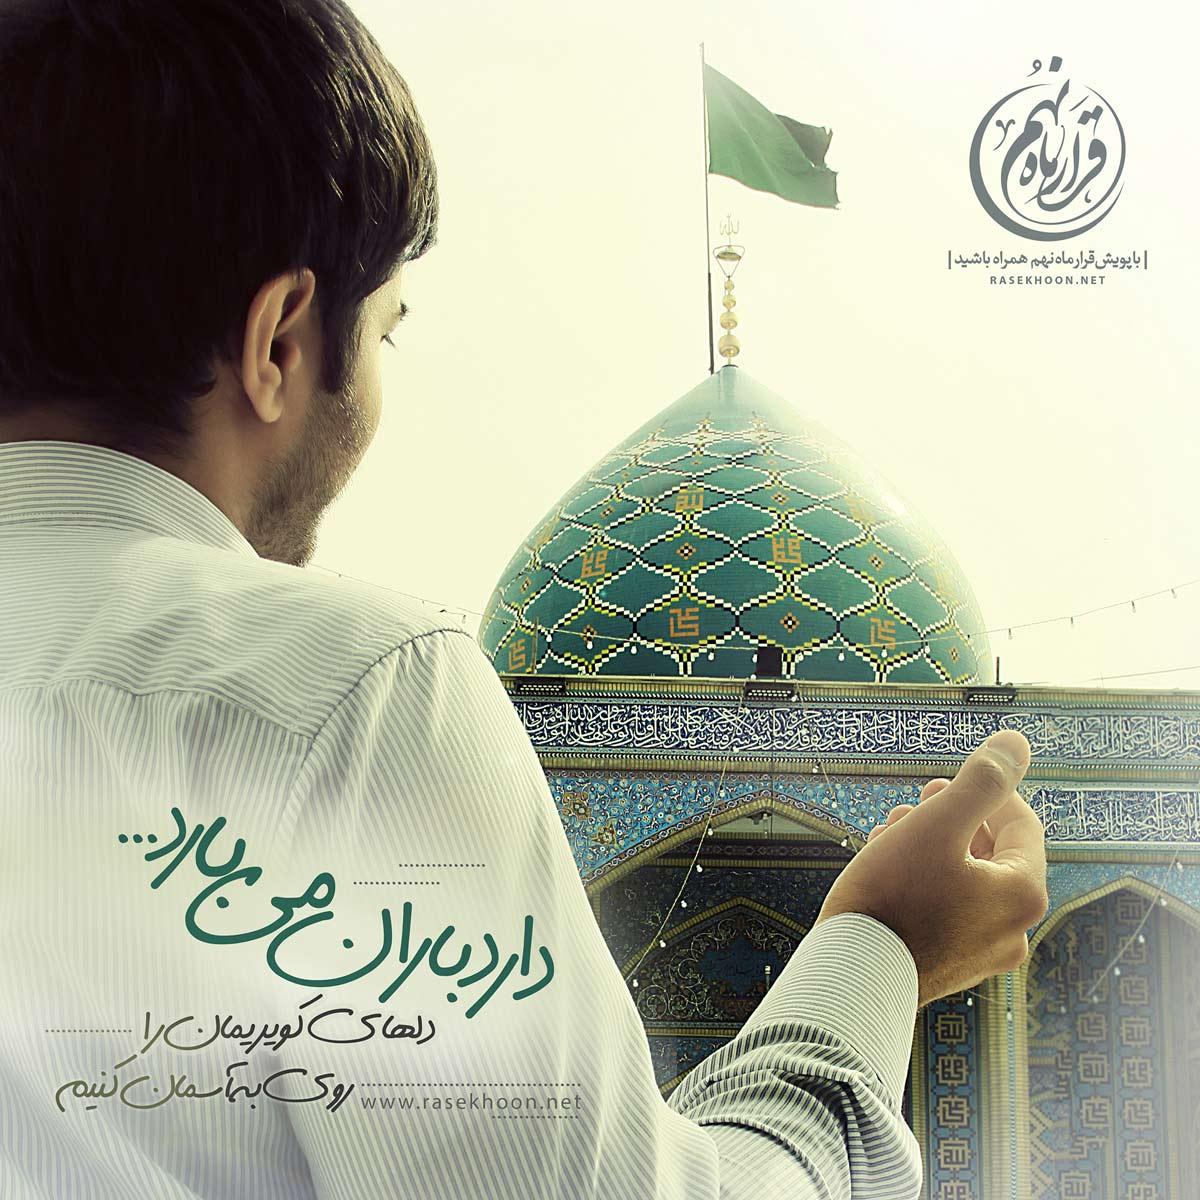 قرائت دعای فرج | حاج محمود کریمی